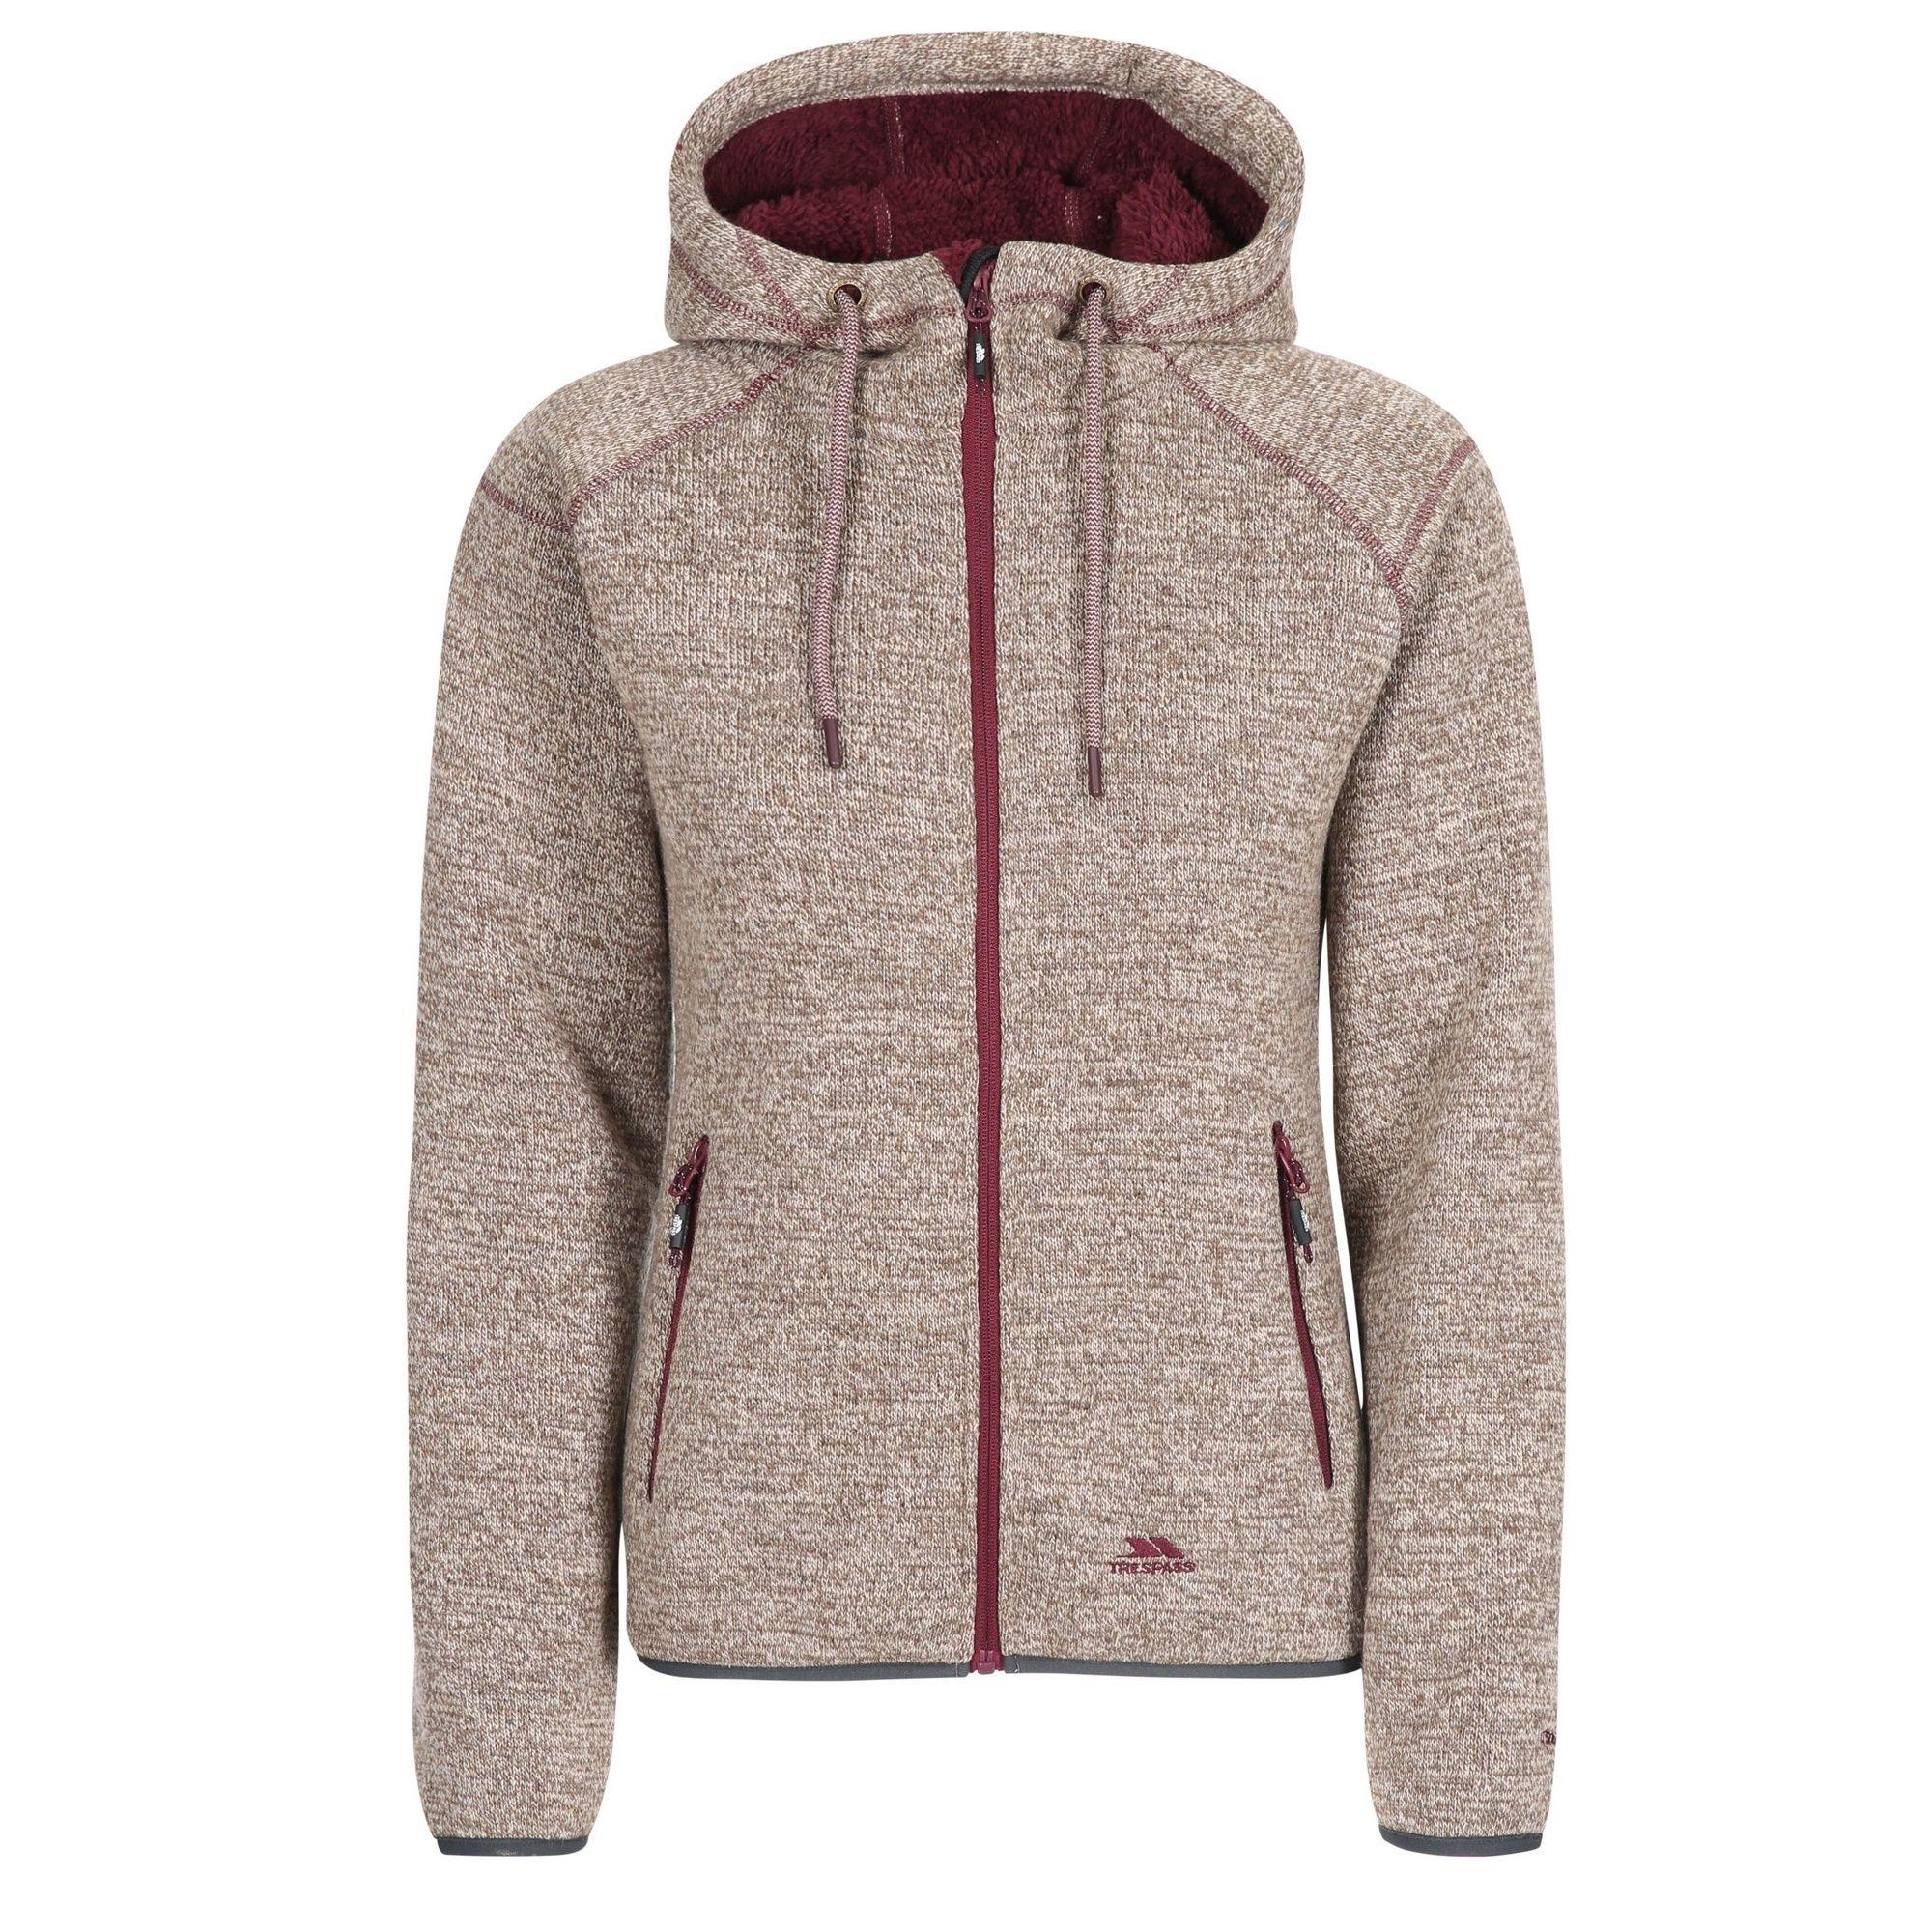 Trespass Womens/Ladies Albatross Fleece Jacket